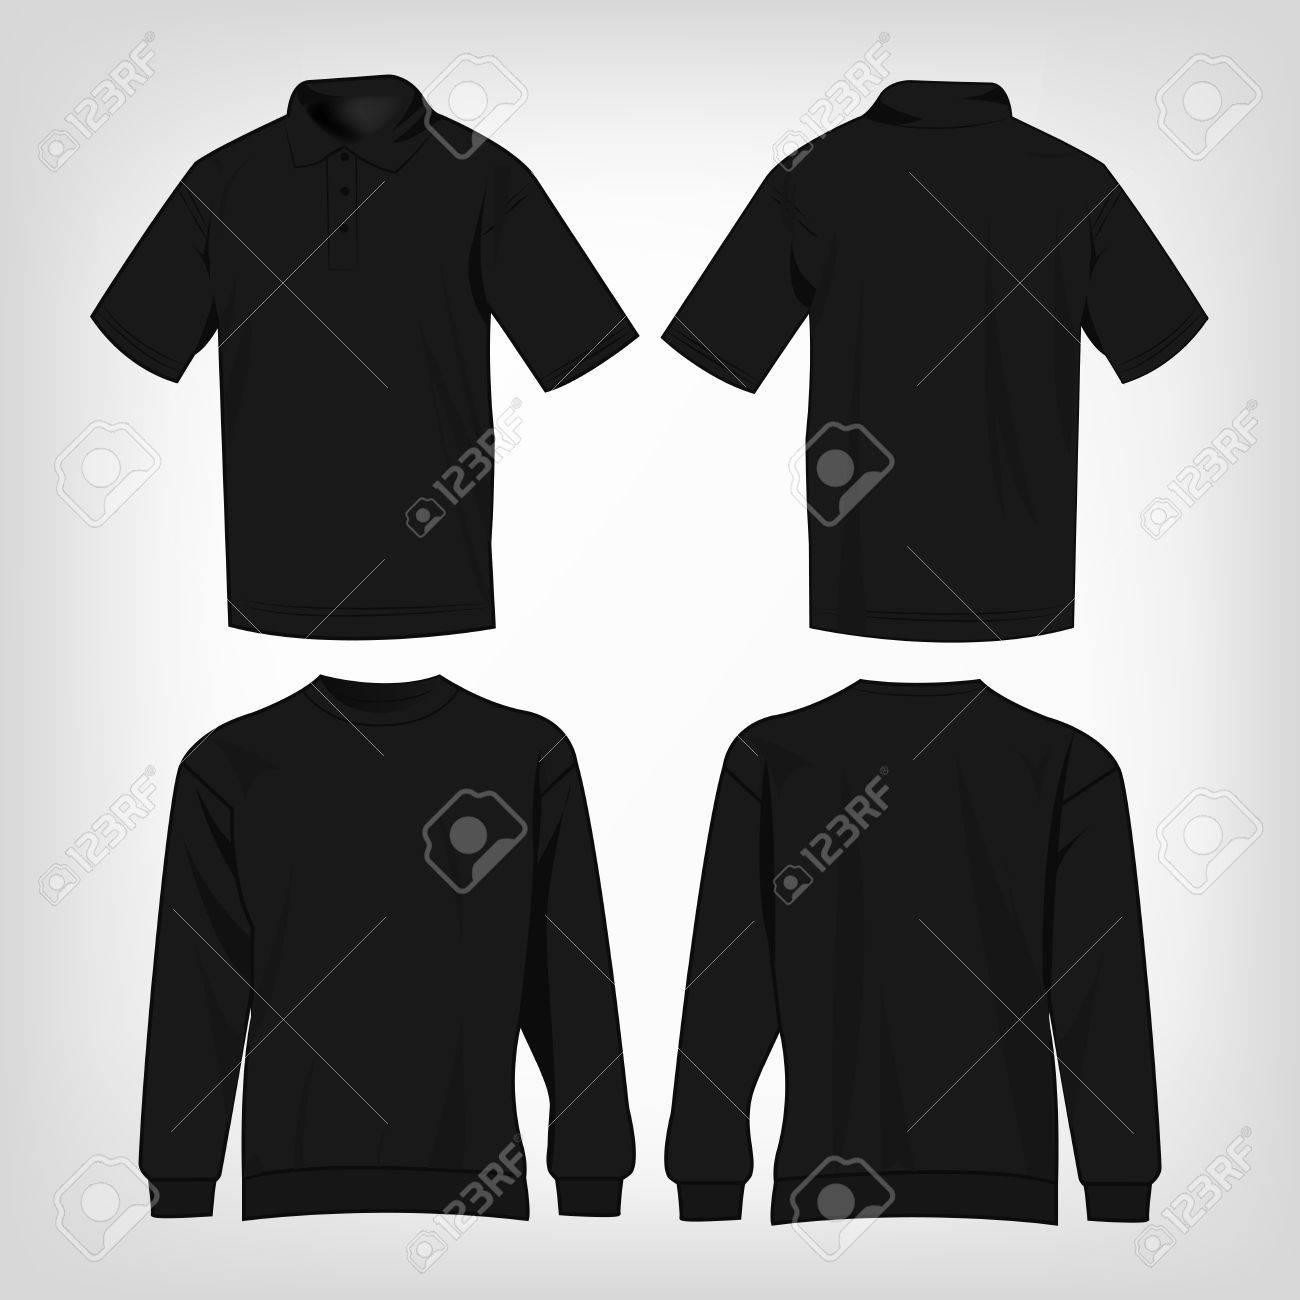 Comienzo Él Casco  Deporte Suéter Negro Y Camisa De Polo De Vectores Aislados Conjunto  Ilustraciones Vectoriales, Clip Art Vectorizado Libre De Derechos. Image  51266246.